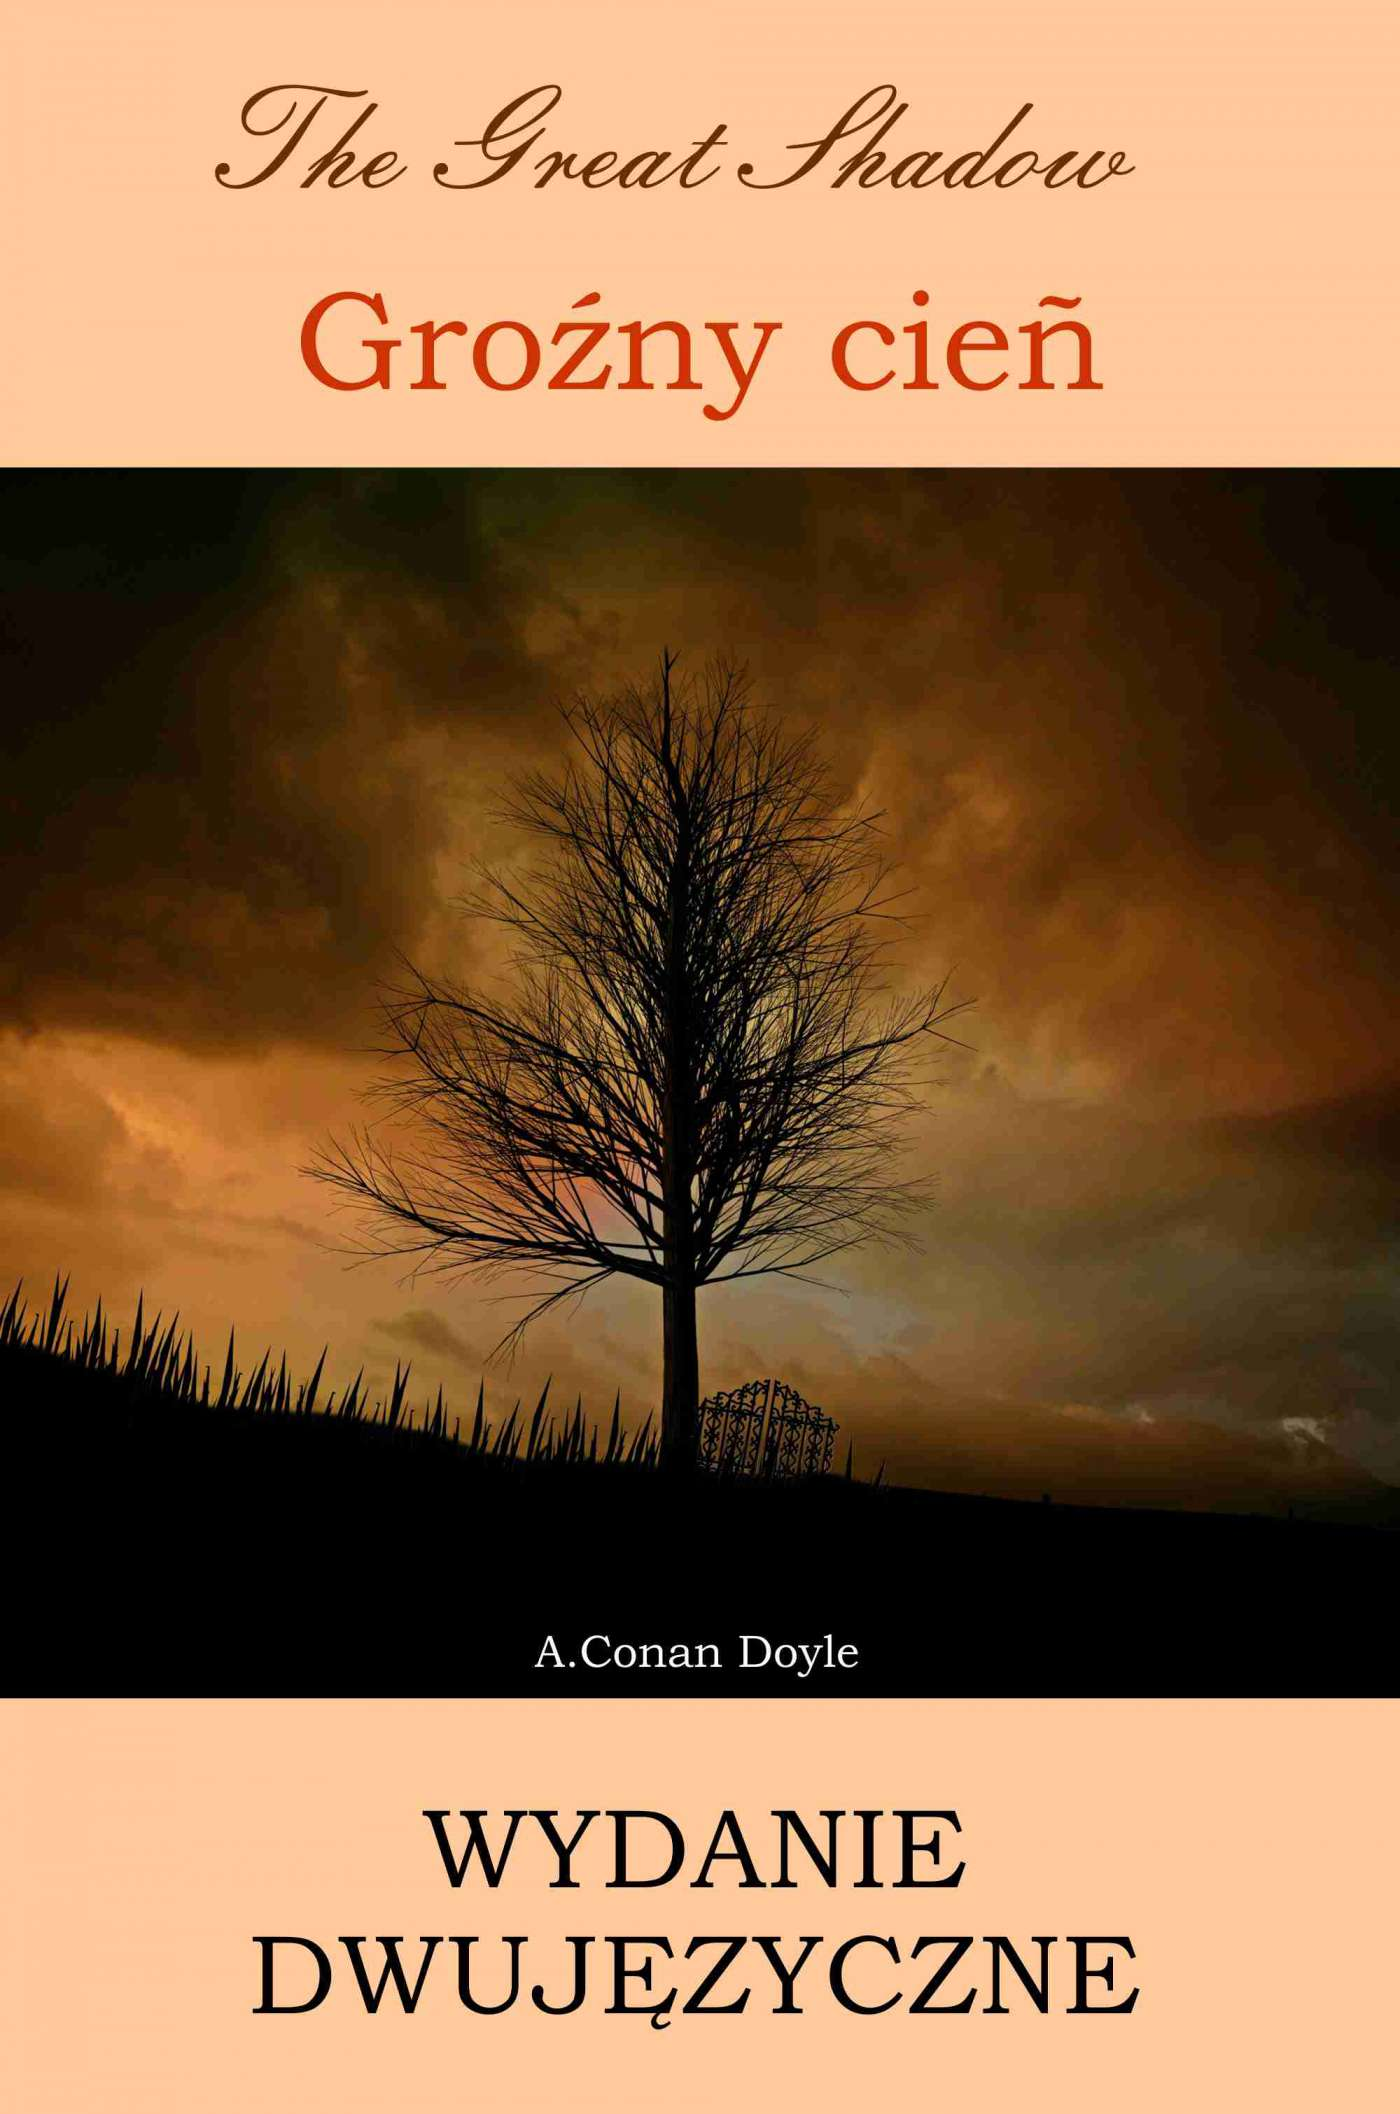 Groźny cień. Wydanie dwujęzyczne angielsko-polskie - Ebook (Książka PDF) do pobrania w formacie PDF